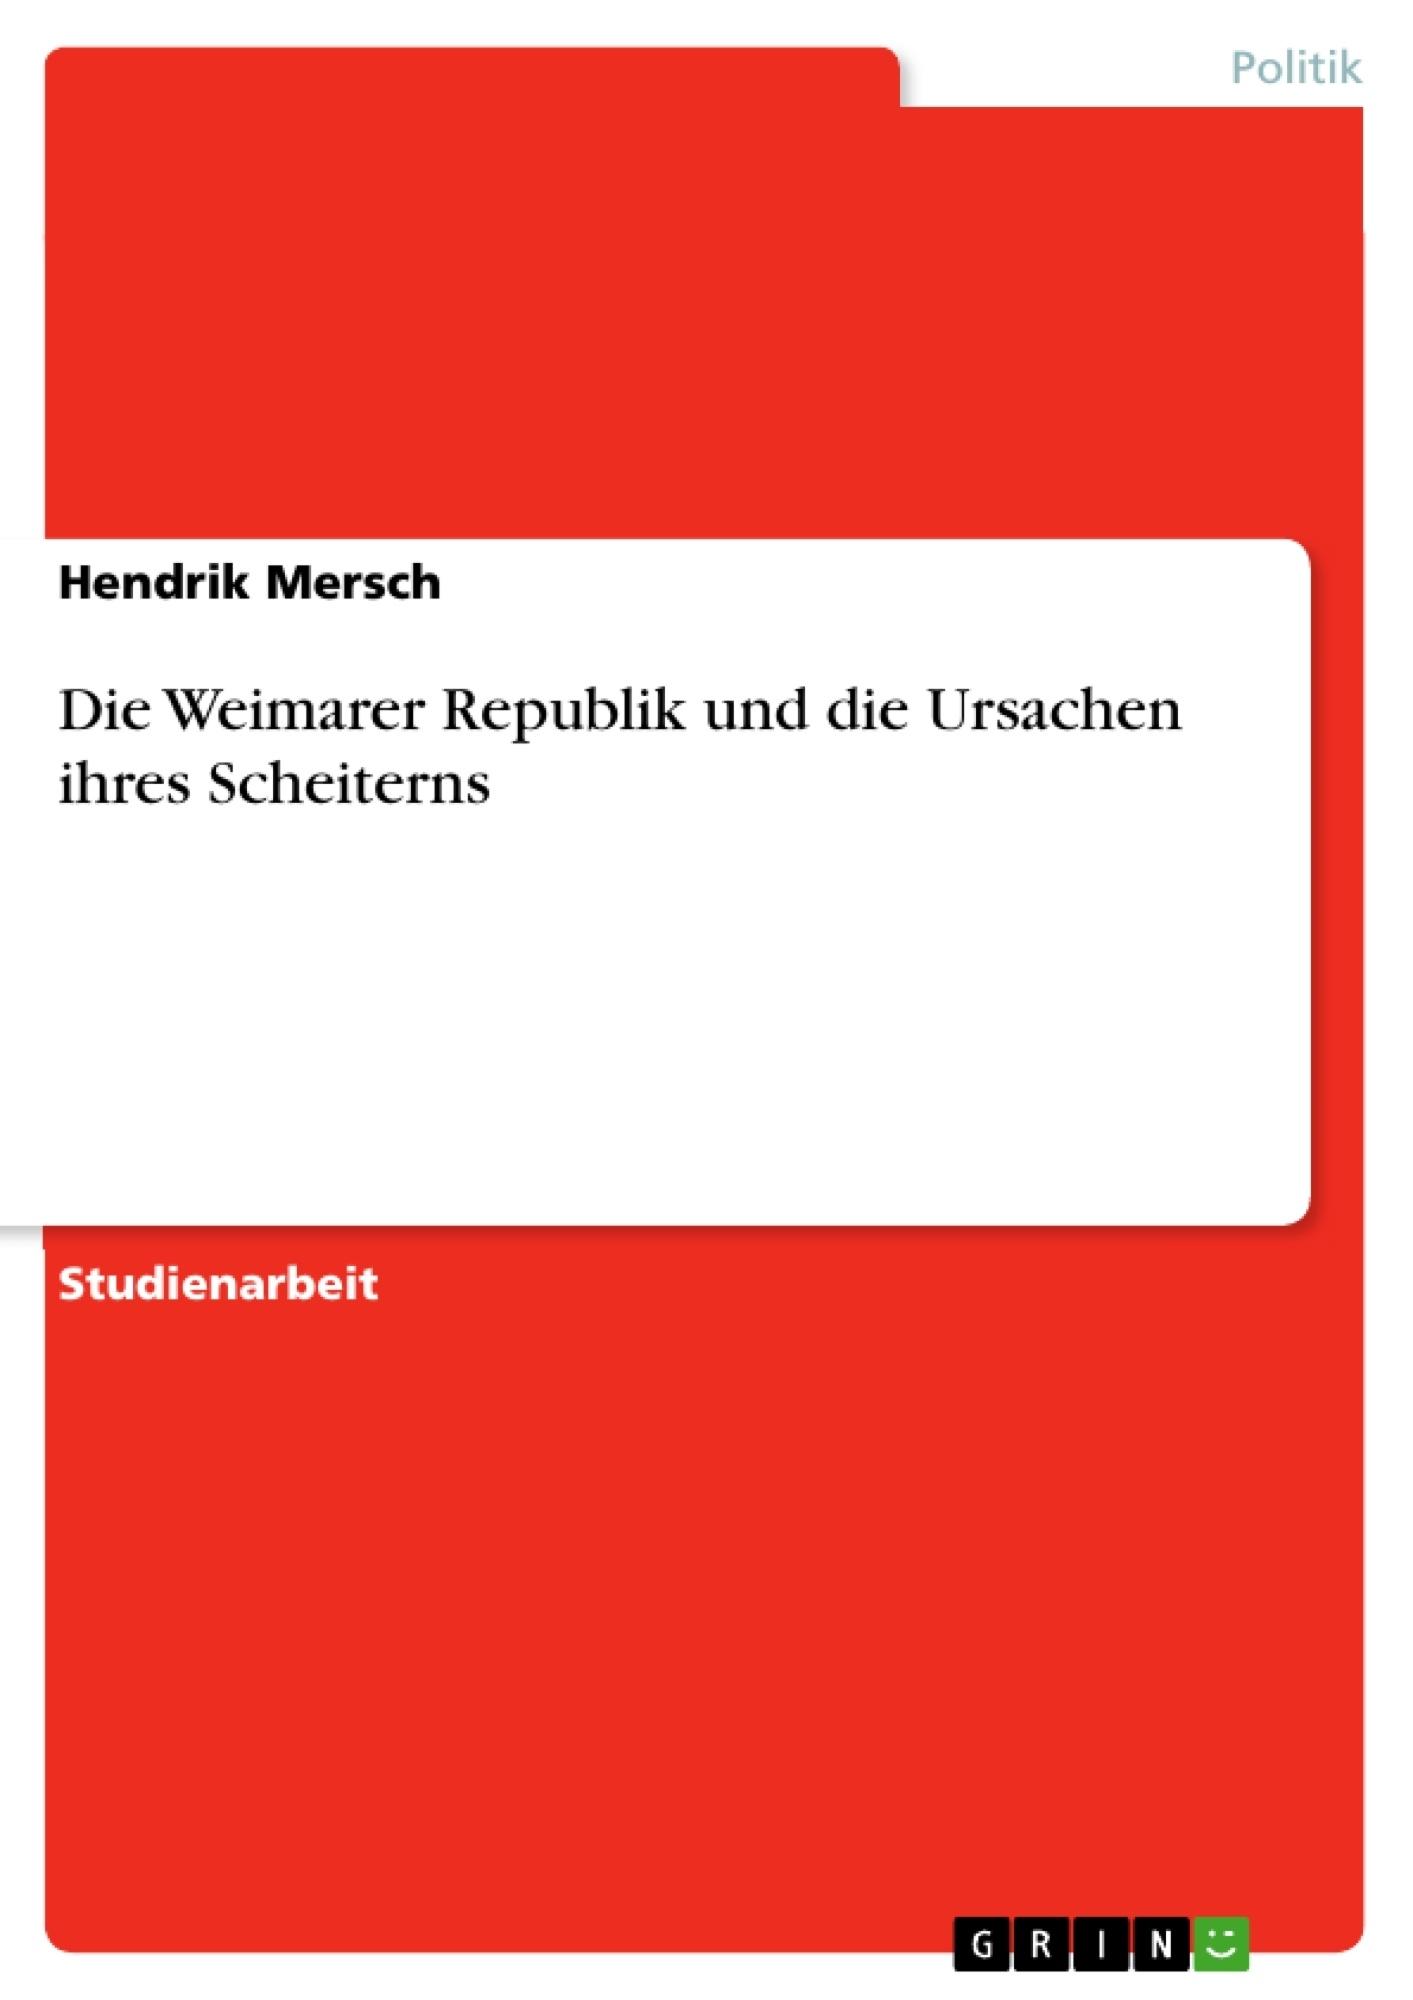 Titel: Die Weimarer Republik und die Ursachen ihres Scheiterns